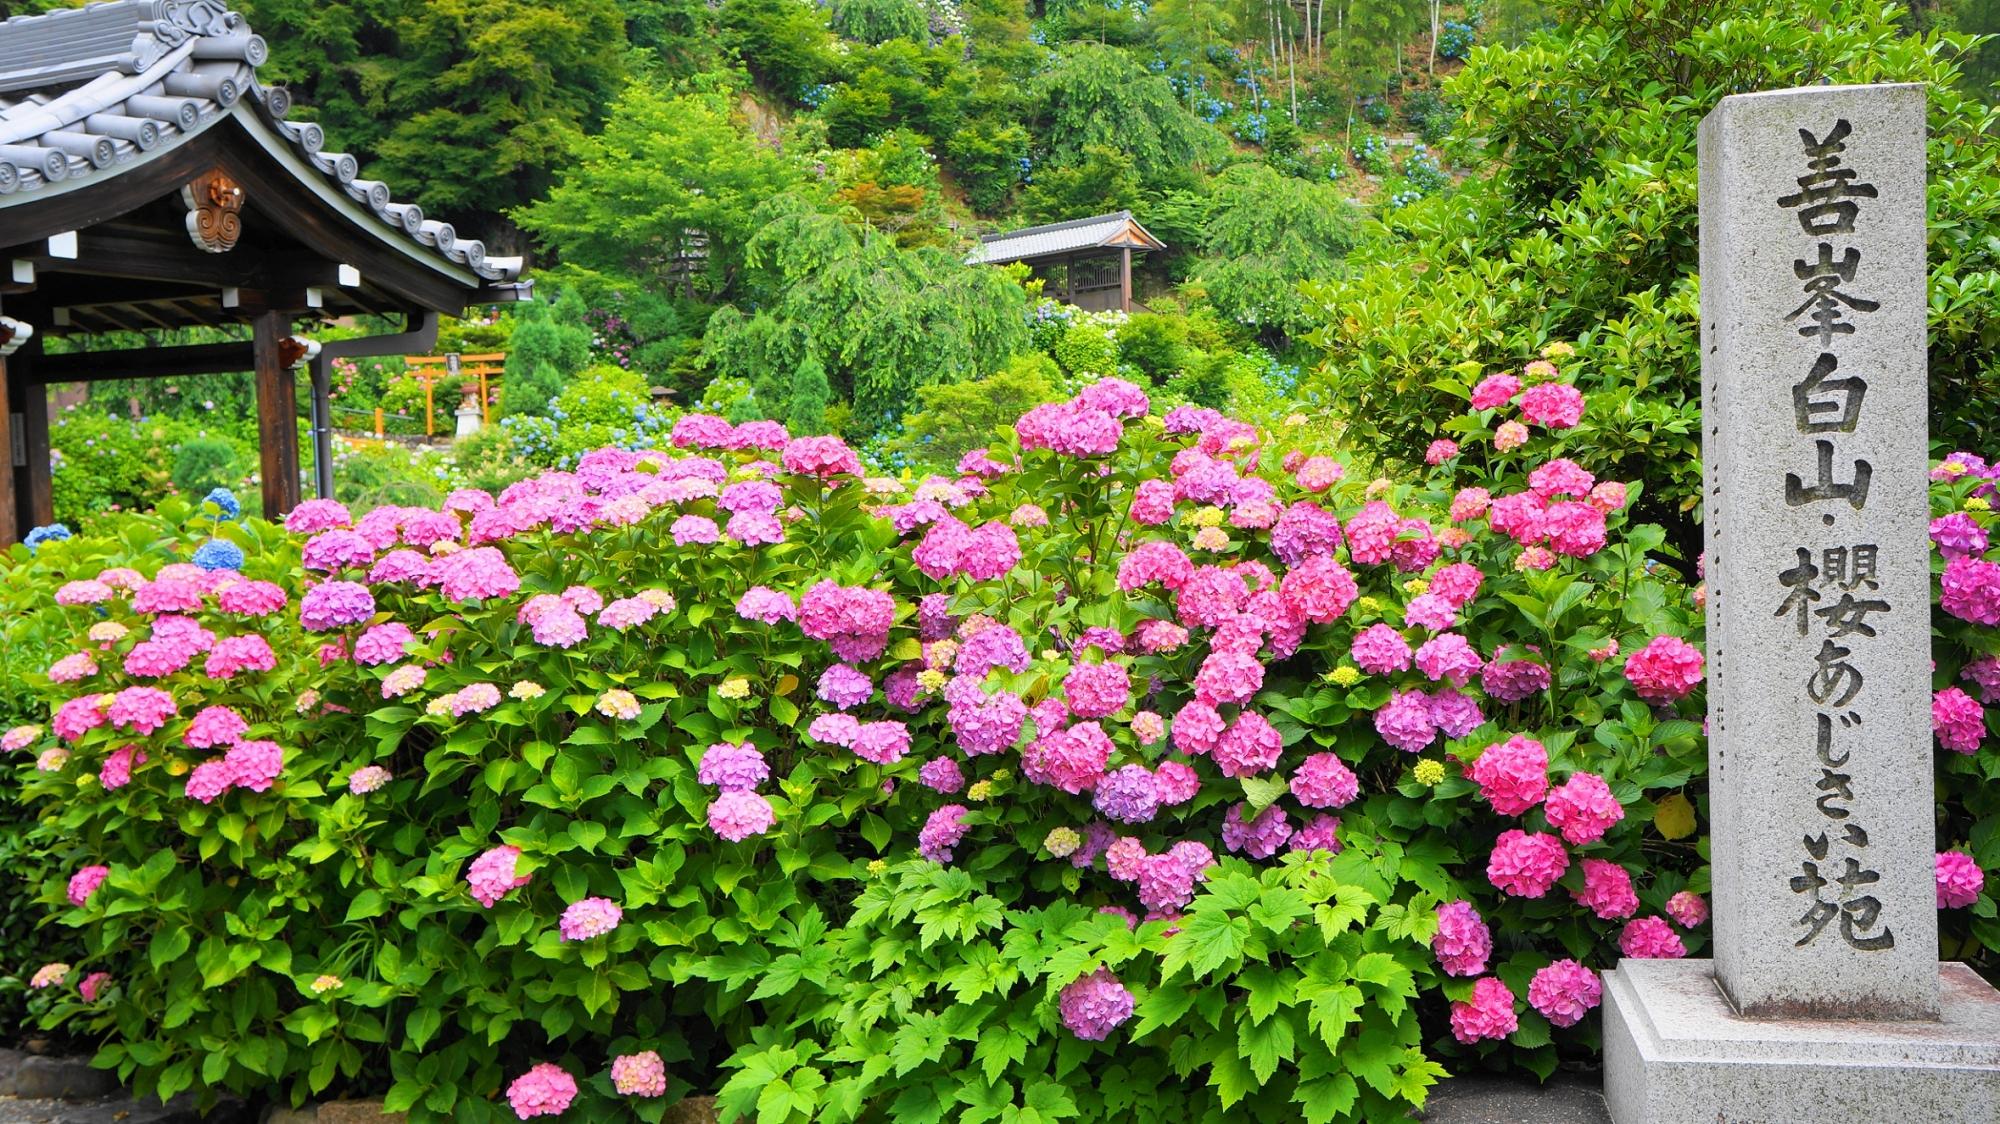 鮮やかなピンクの紫陽花が溢れる善峯寺の「あじさい苑」